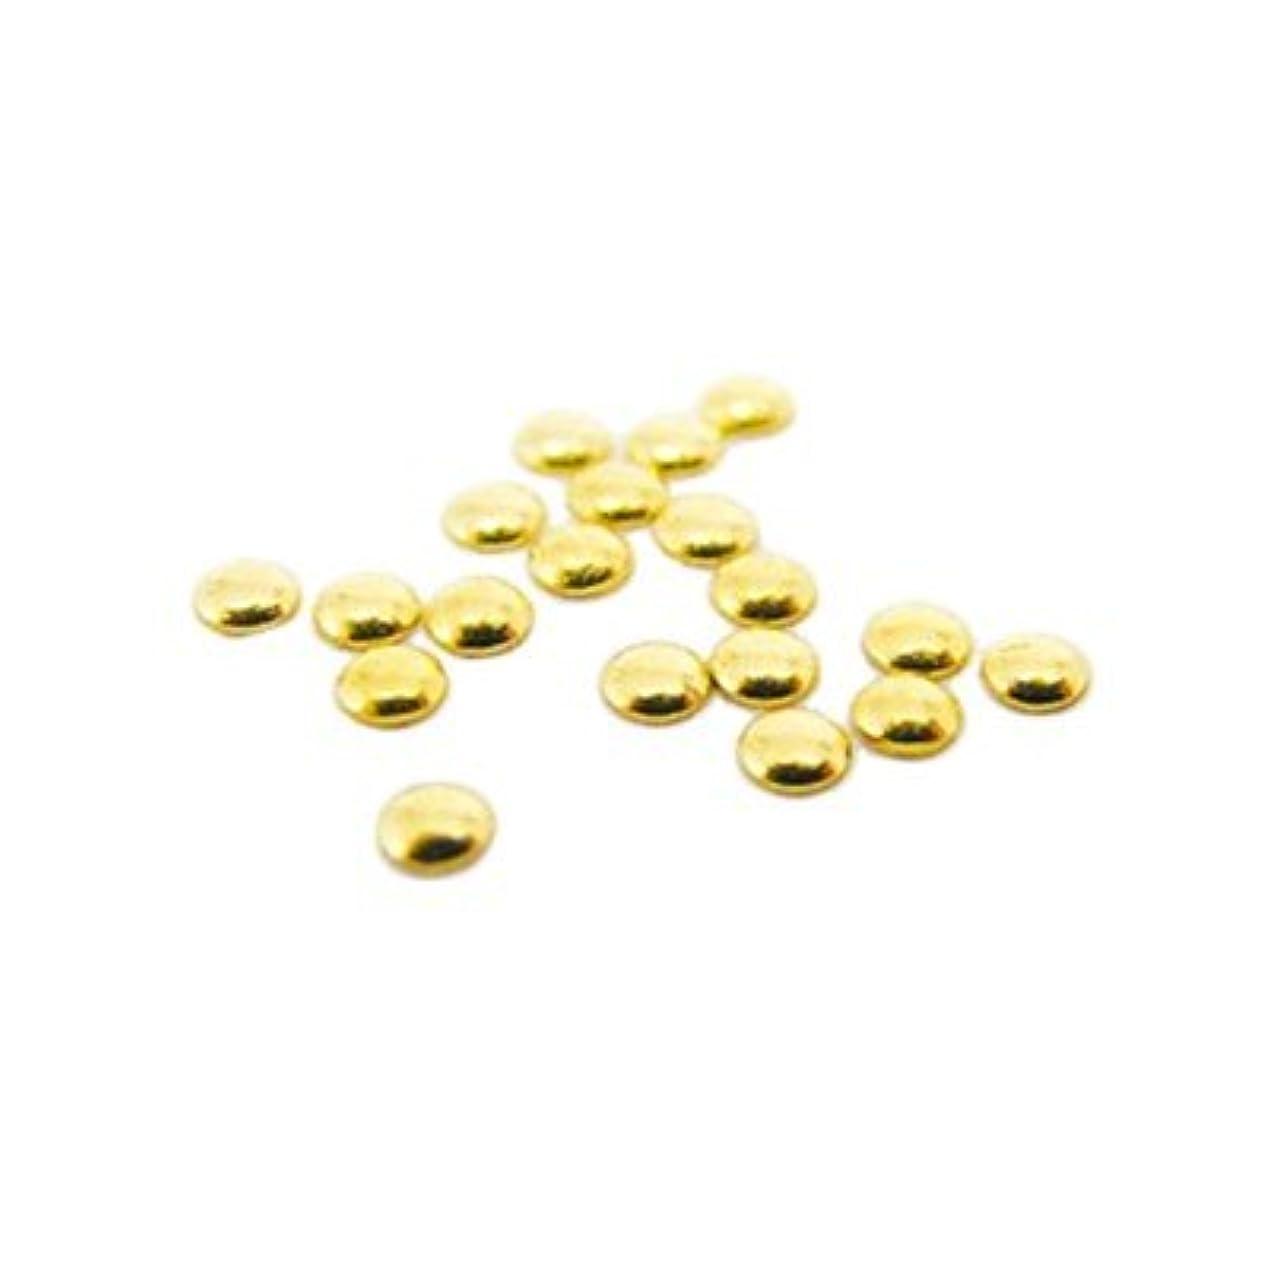 バッチ恐竜つかまえるピアドラ スタッズ 1.5mm 50P ゴールド